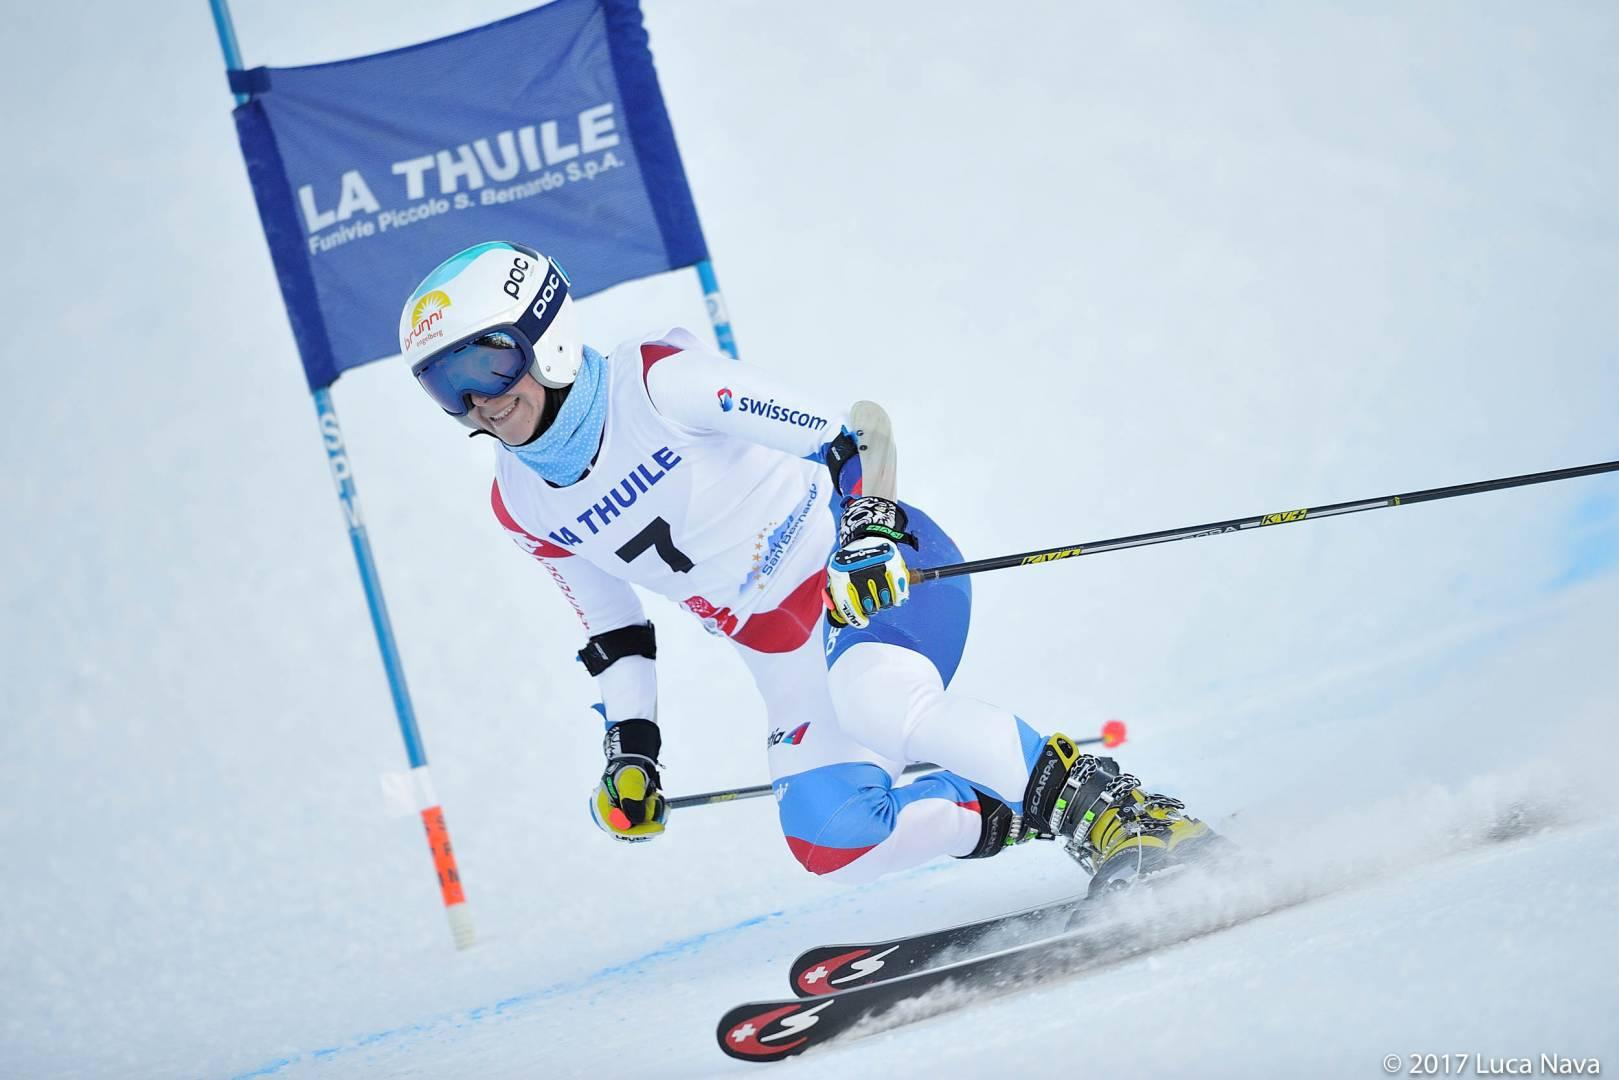 Telemark World Cup : La Thuile apre il calendario gare FIS